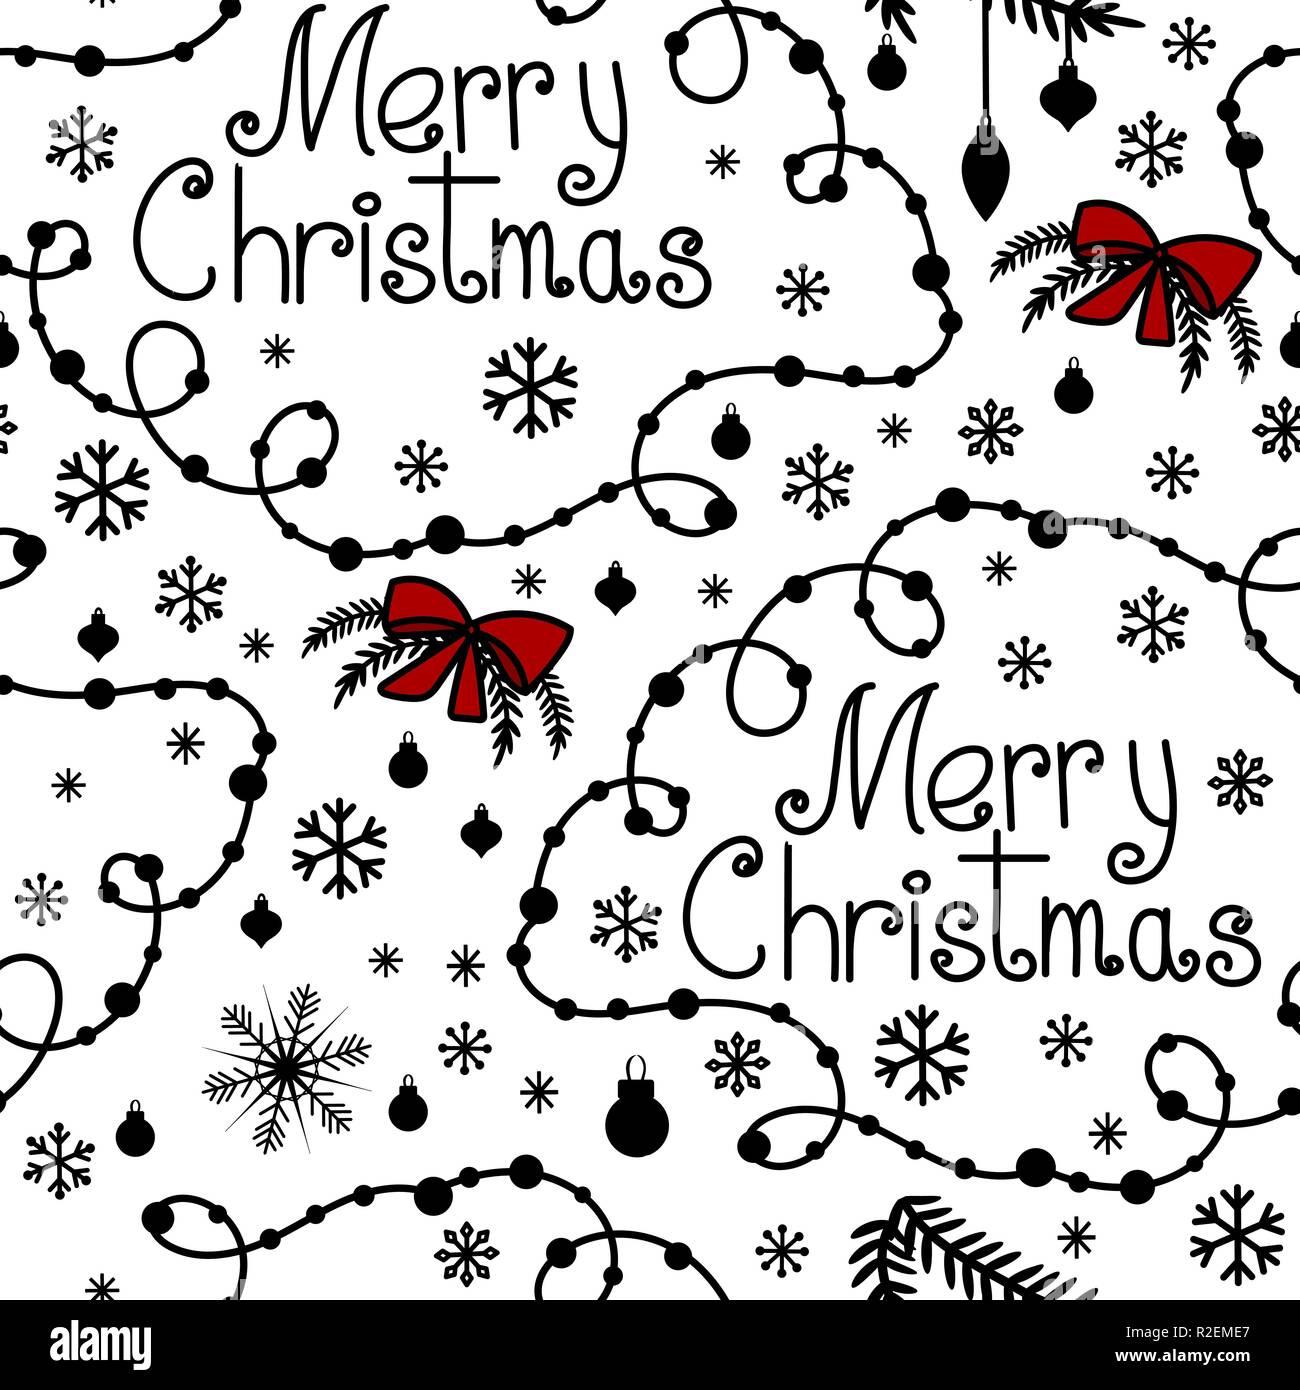 Joyeux Noël Arrière Plan Dessiné à La Main Avec Du Texte